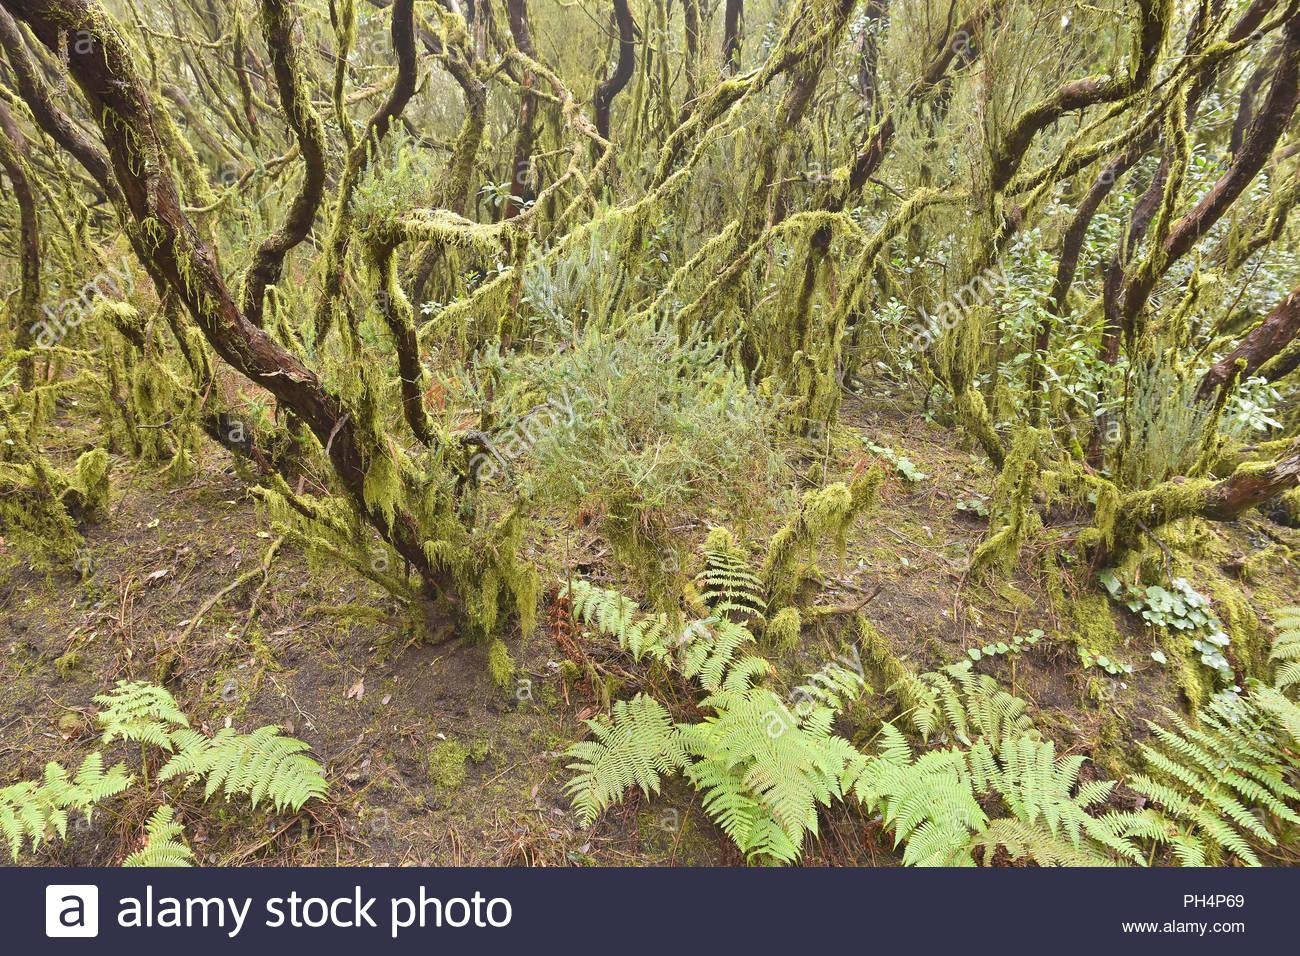 Moos und Flechten bewachsen. Evergreen Laurel Wald, Anaga ländlichen Park im Nordosten von Teneriffa Kanarische Inseln Spanien. Stockbild